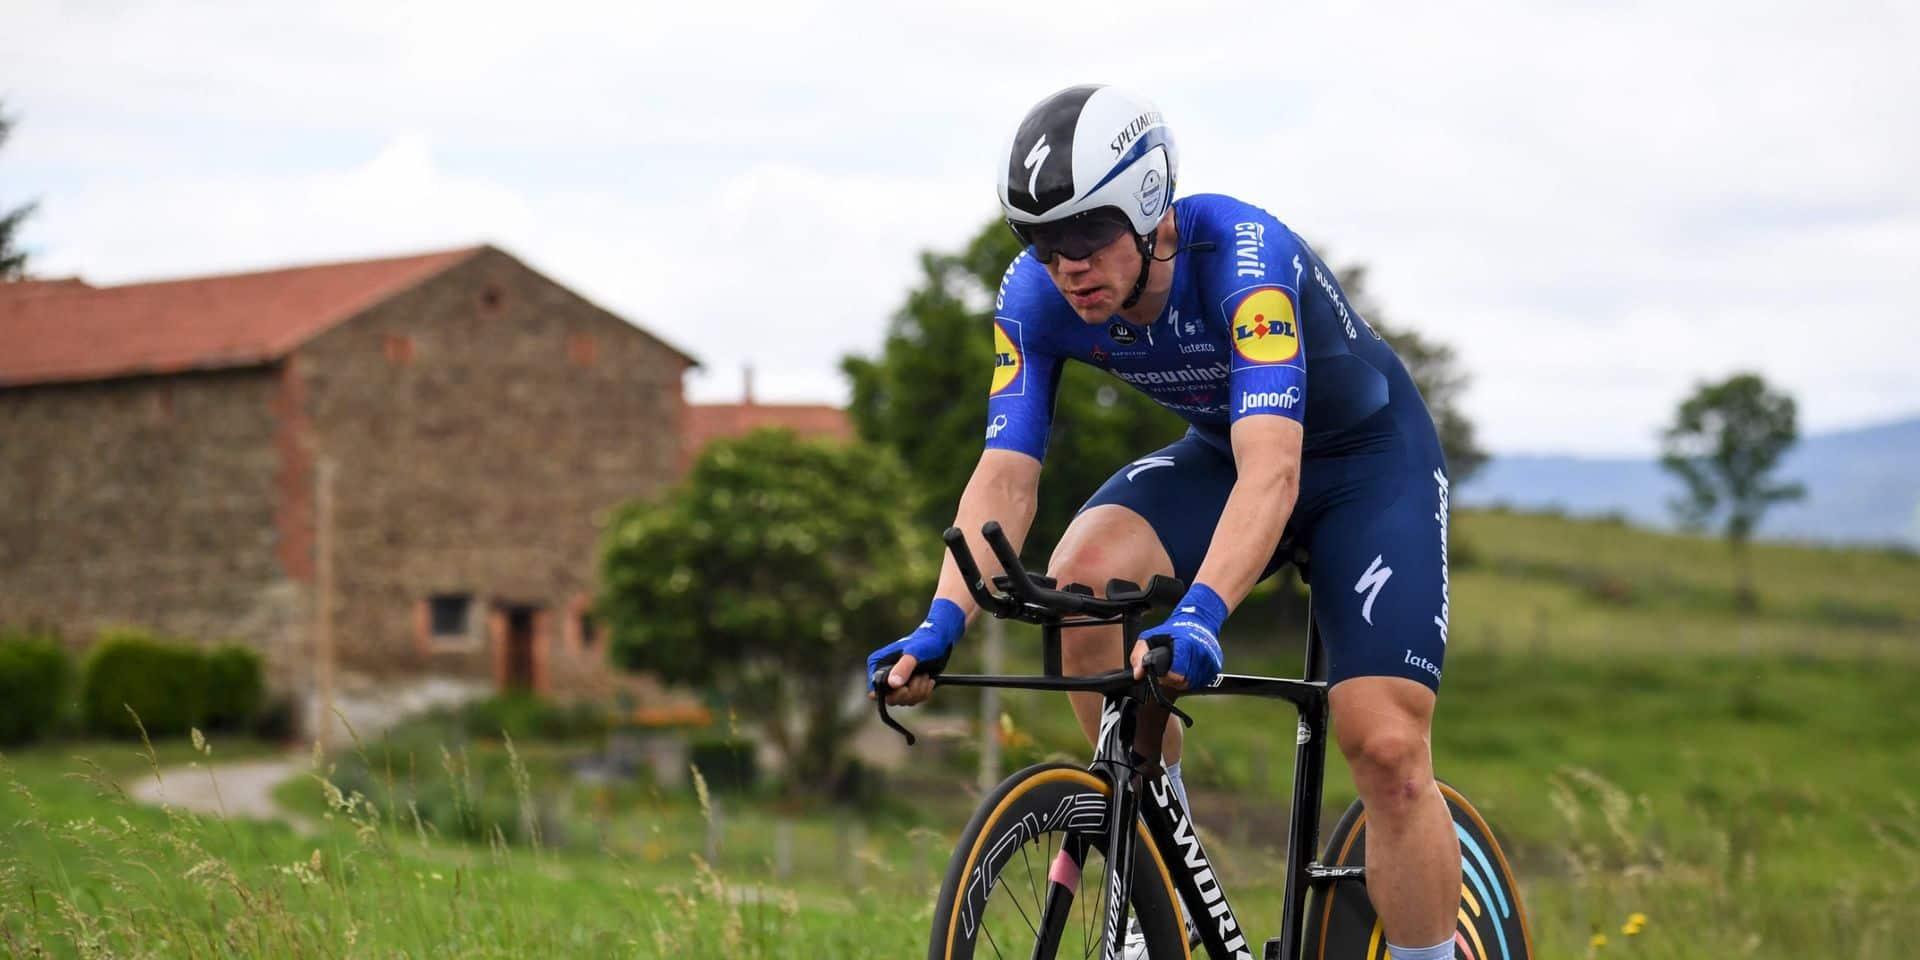 Critérium du Dauphiné: abandon de Fabio Jakobsen dans la dernière étape